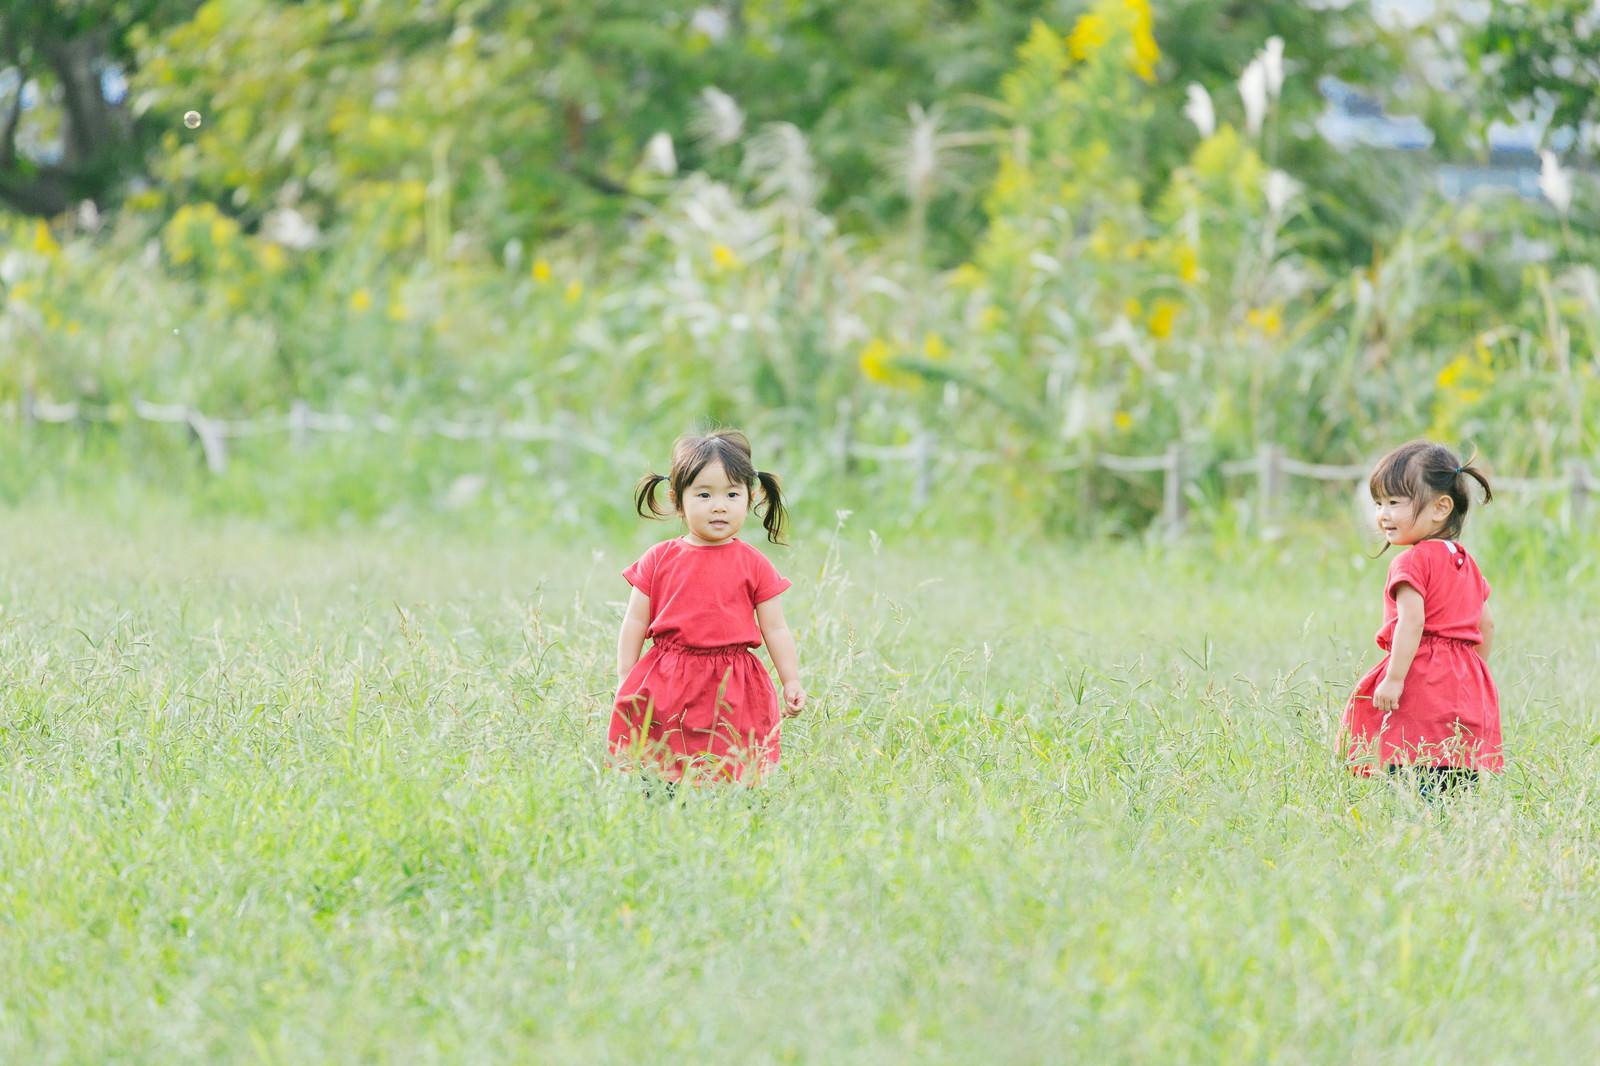 「広い空き地と双子の女の子」の写真[モデル:あおみどり]